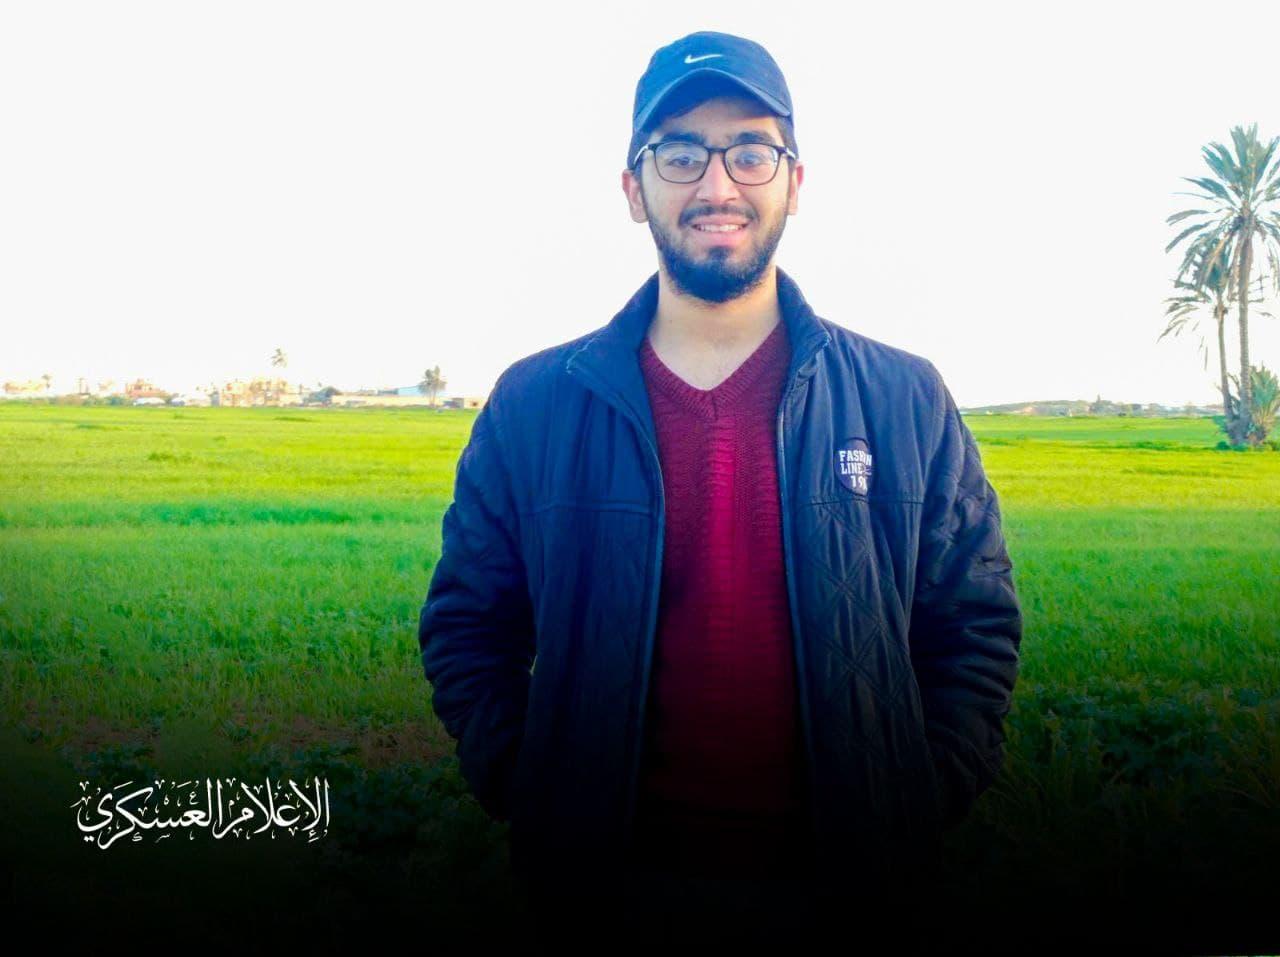 الشهيد القسامي / إبراهيم أحمد الشنباري